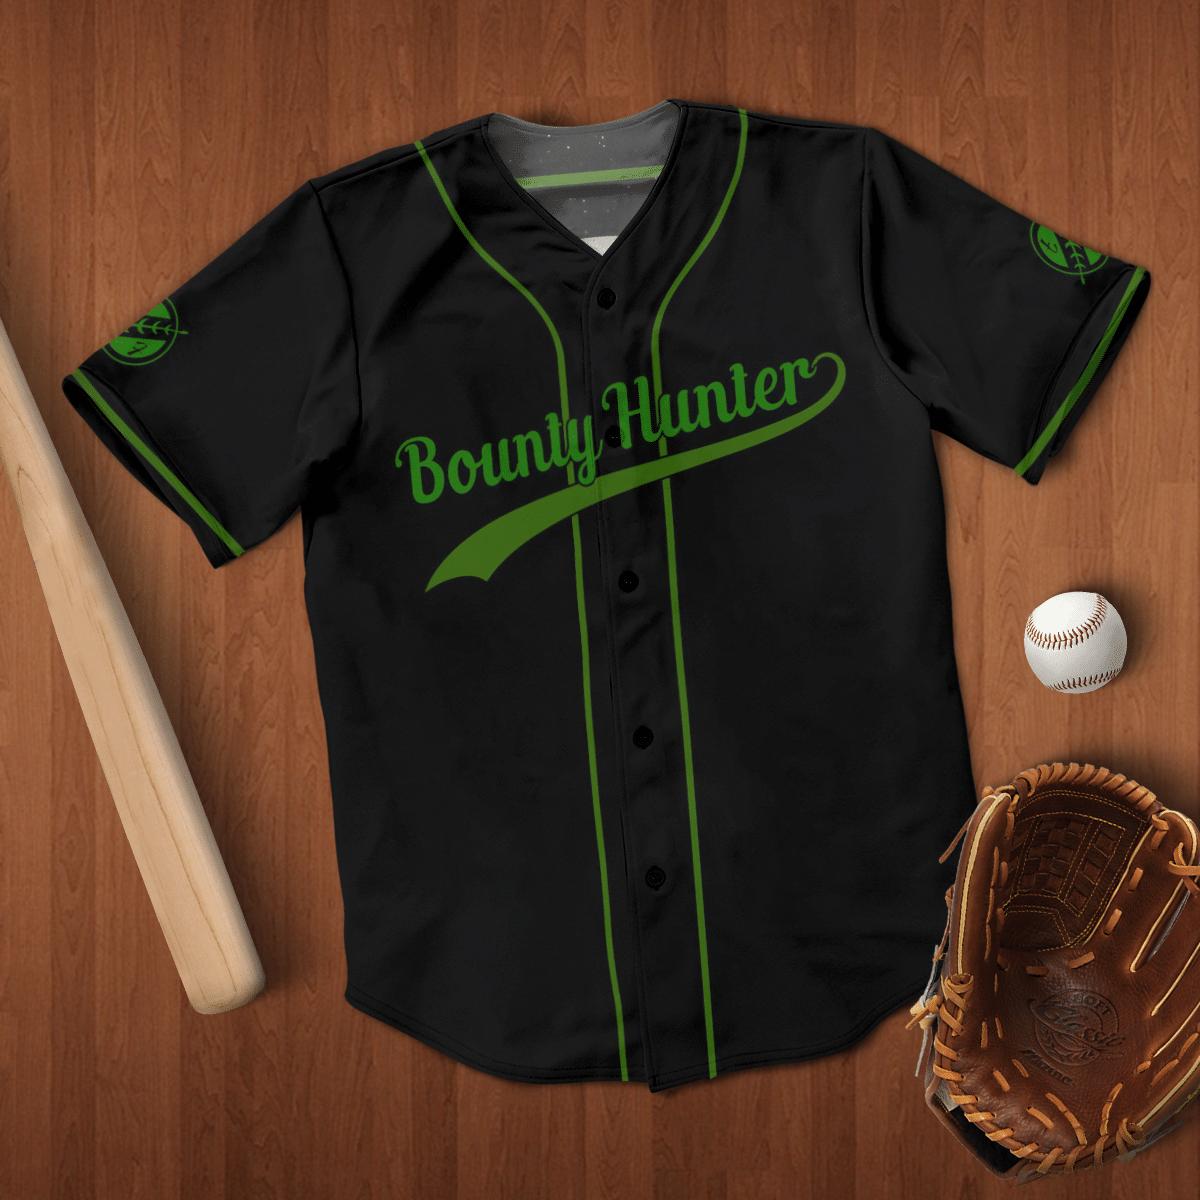 Bounty hunter baseball shirt